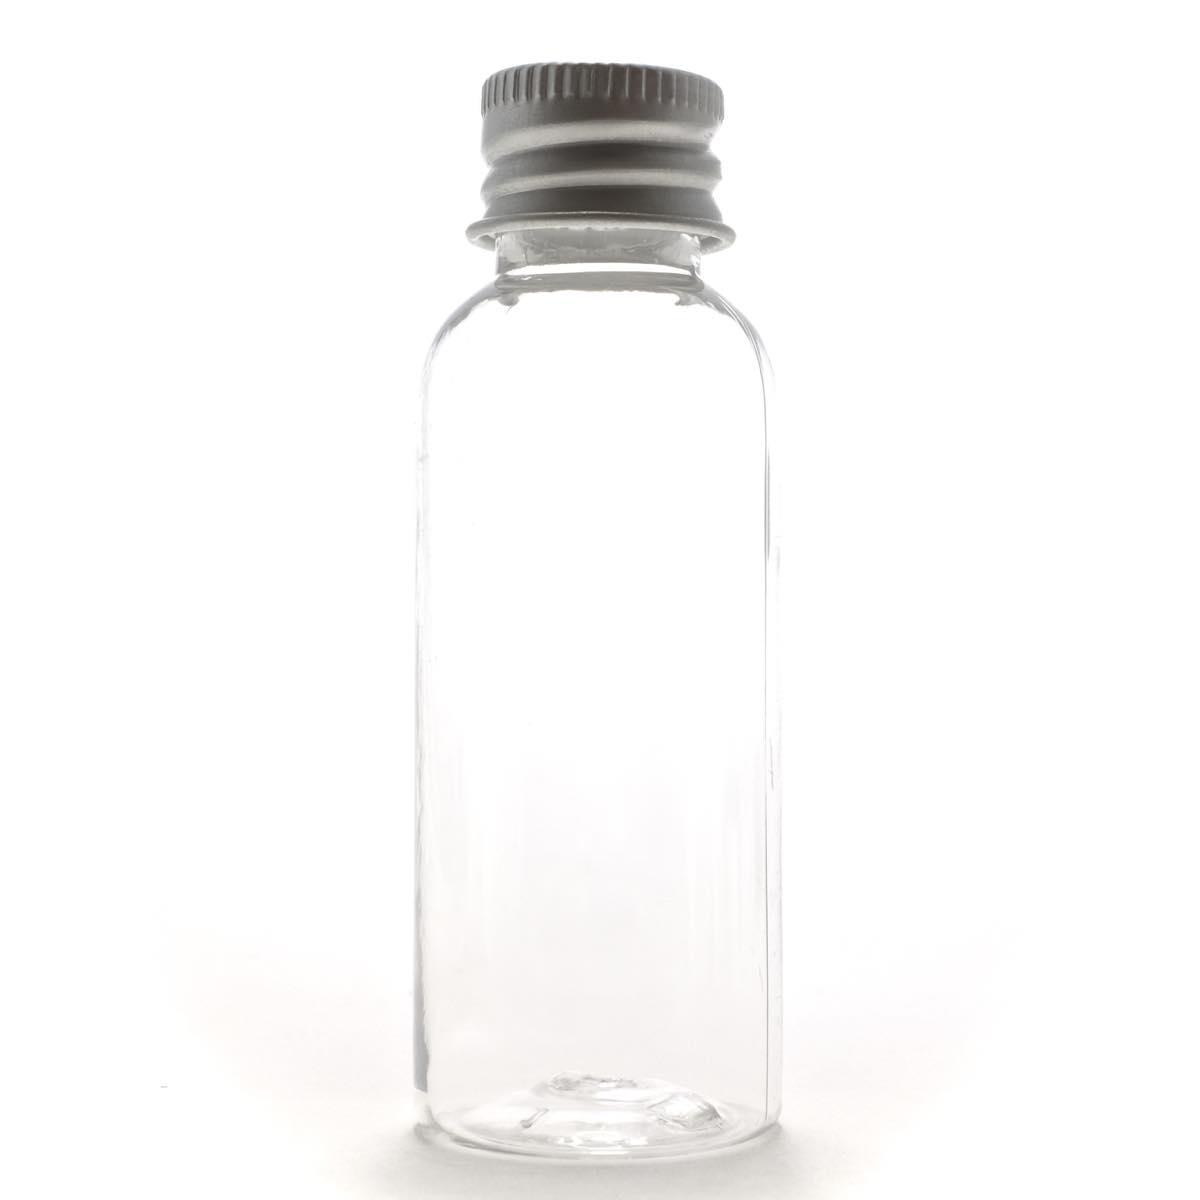 プラスチック容器 30mL【アルミキャップ】【240個入り/ロット 送料無料】